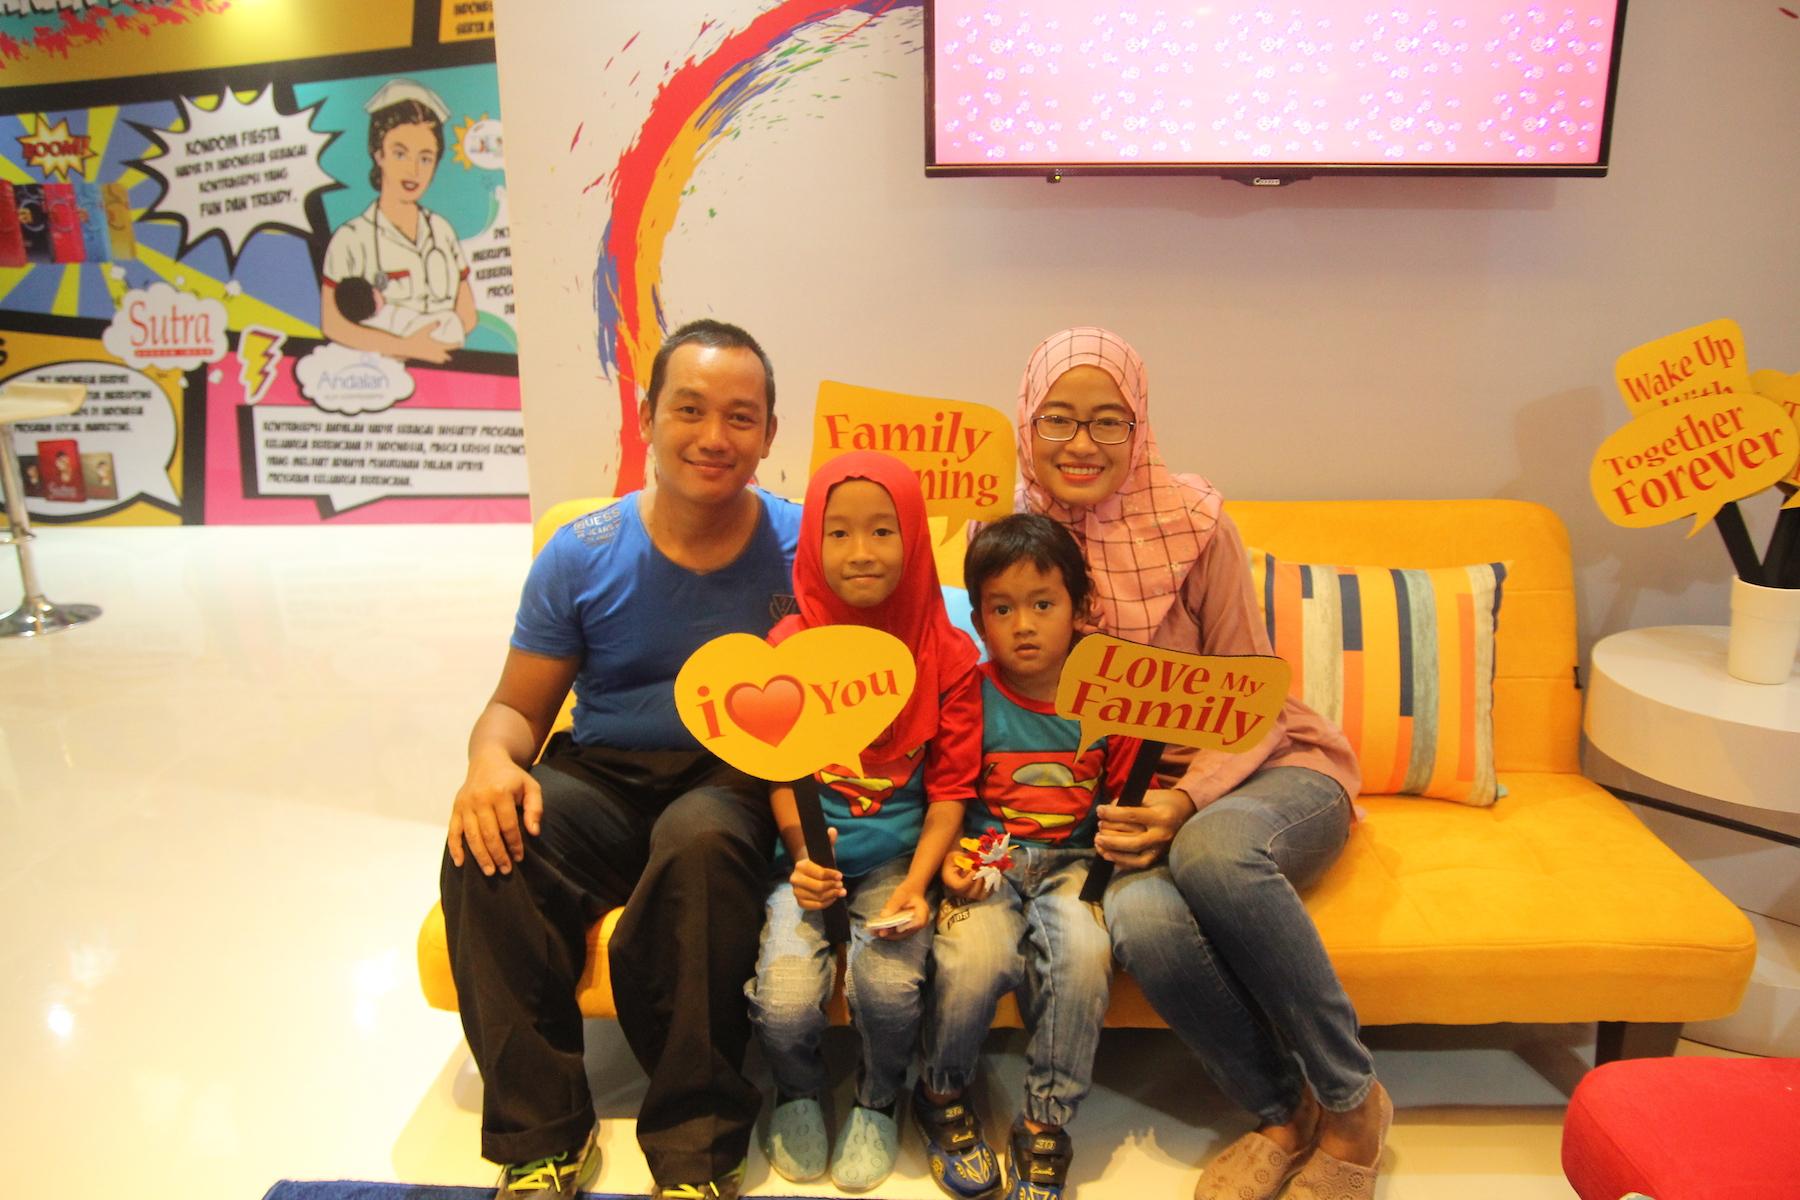 Pertama kali di Jakarta Fair: Yuk, Konsultasi Gratis Perencanaan Keluarga!